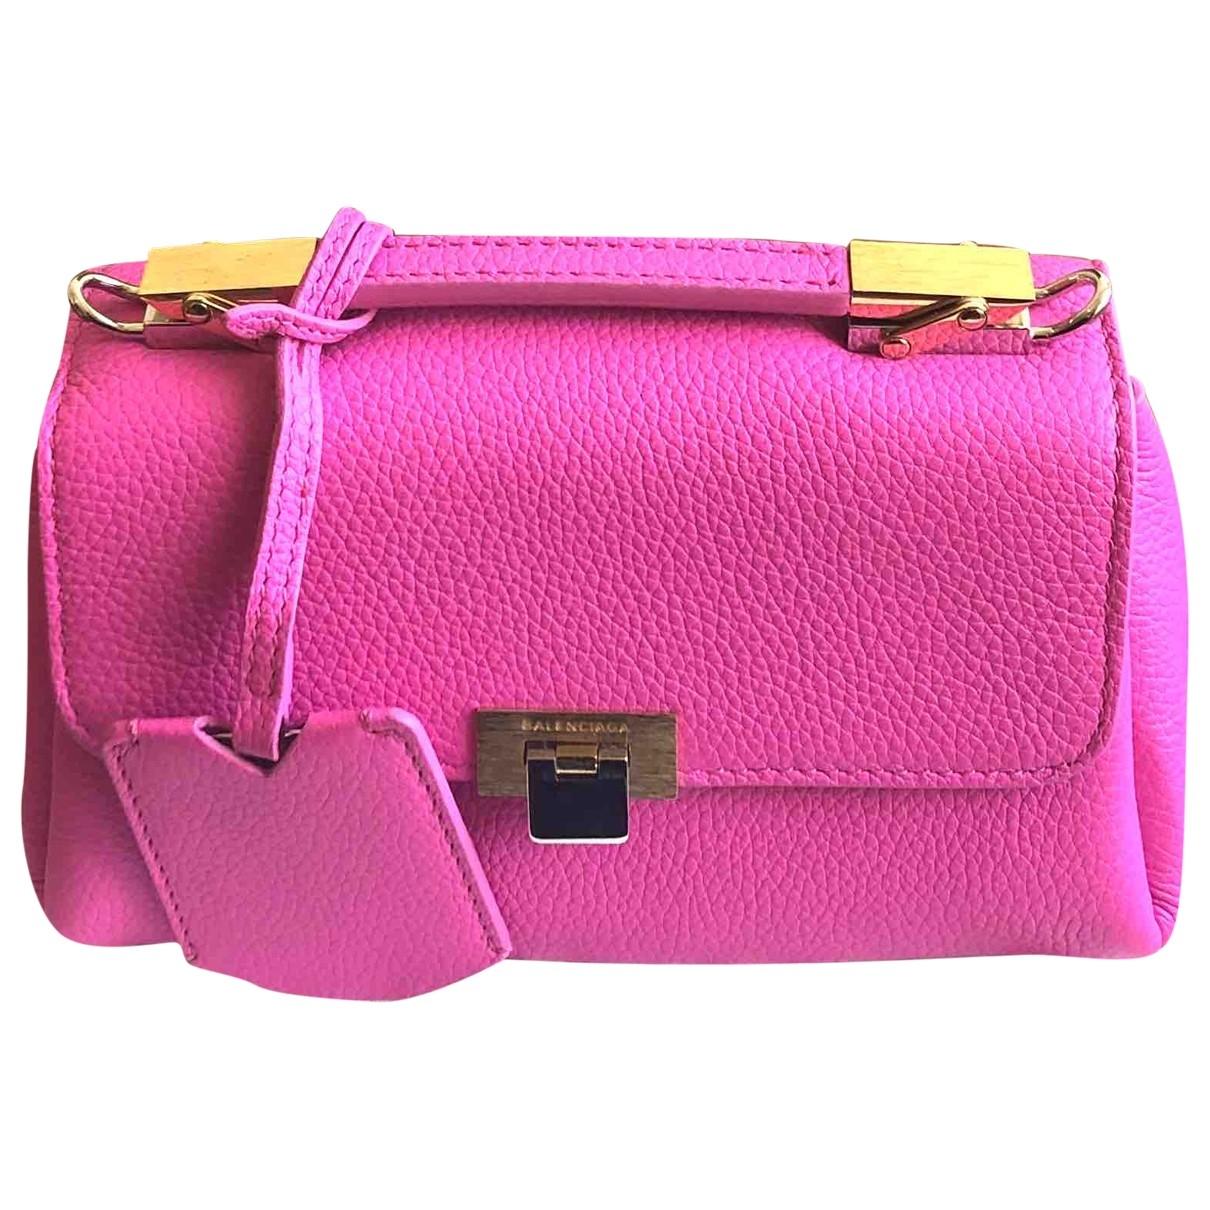 Balenciaga - Sac a main Le Dix pour femme en cuir - rose